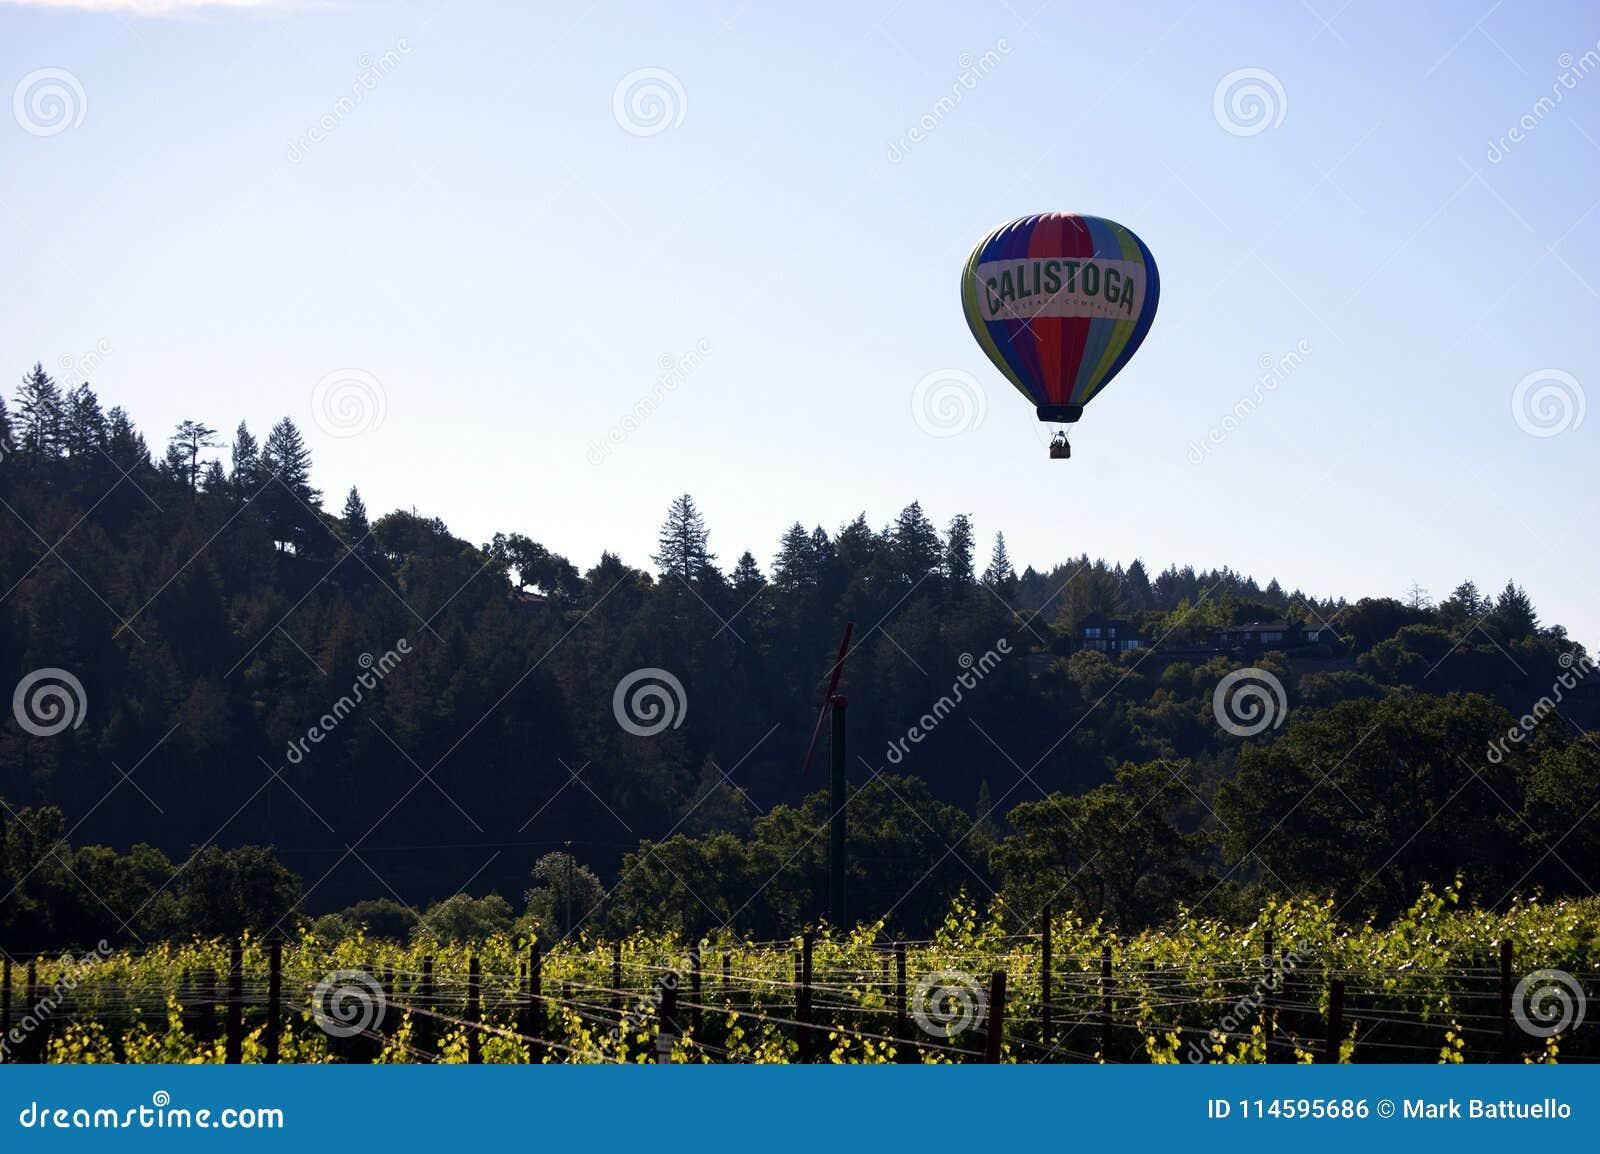 De Luchtballon van Napavalleyhot met Calistoga op de Ballon over Wijngaard wordt geschreven die